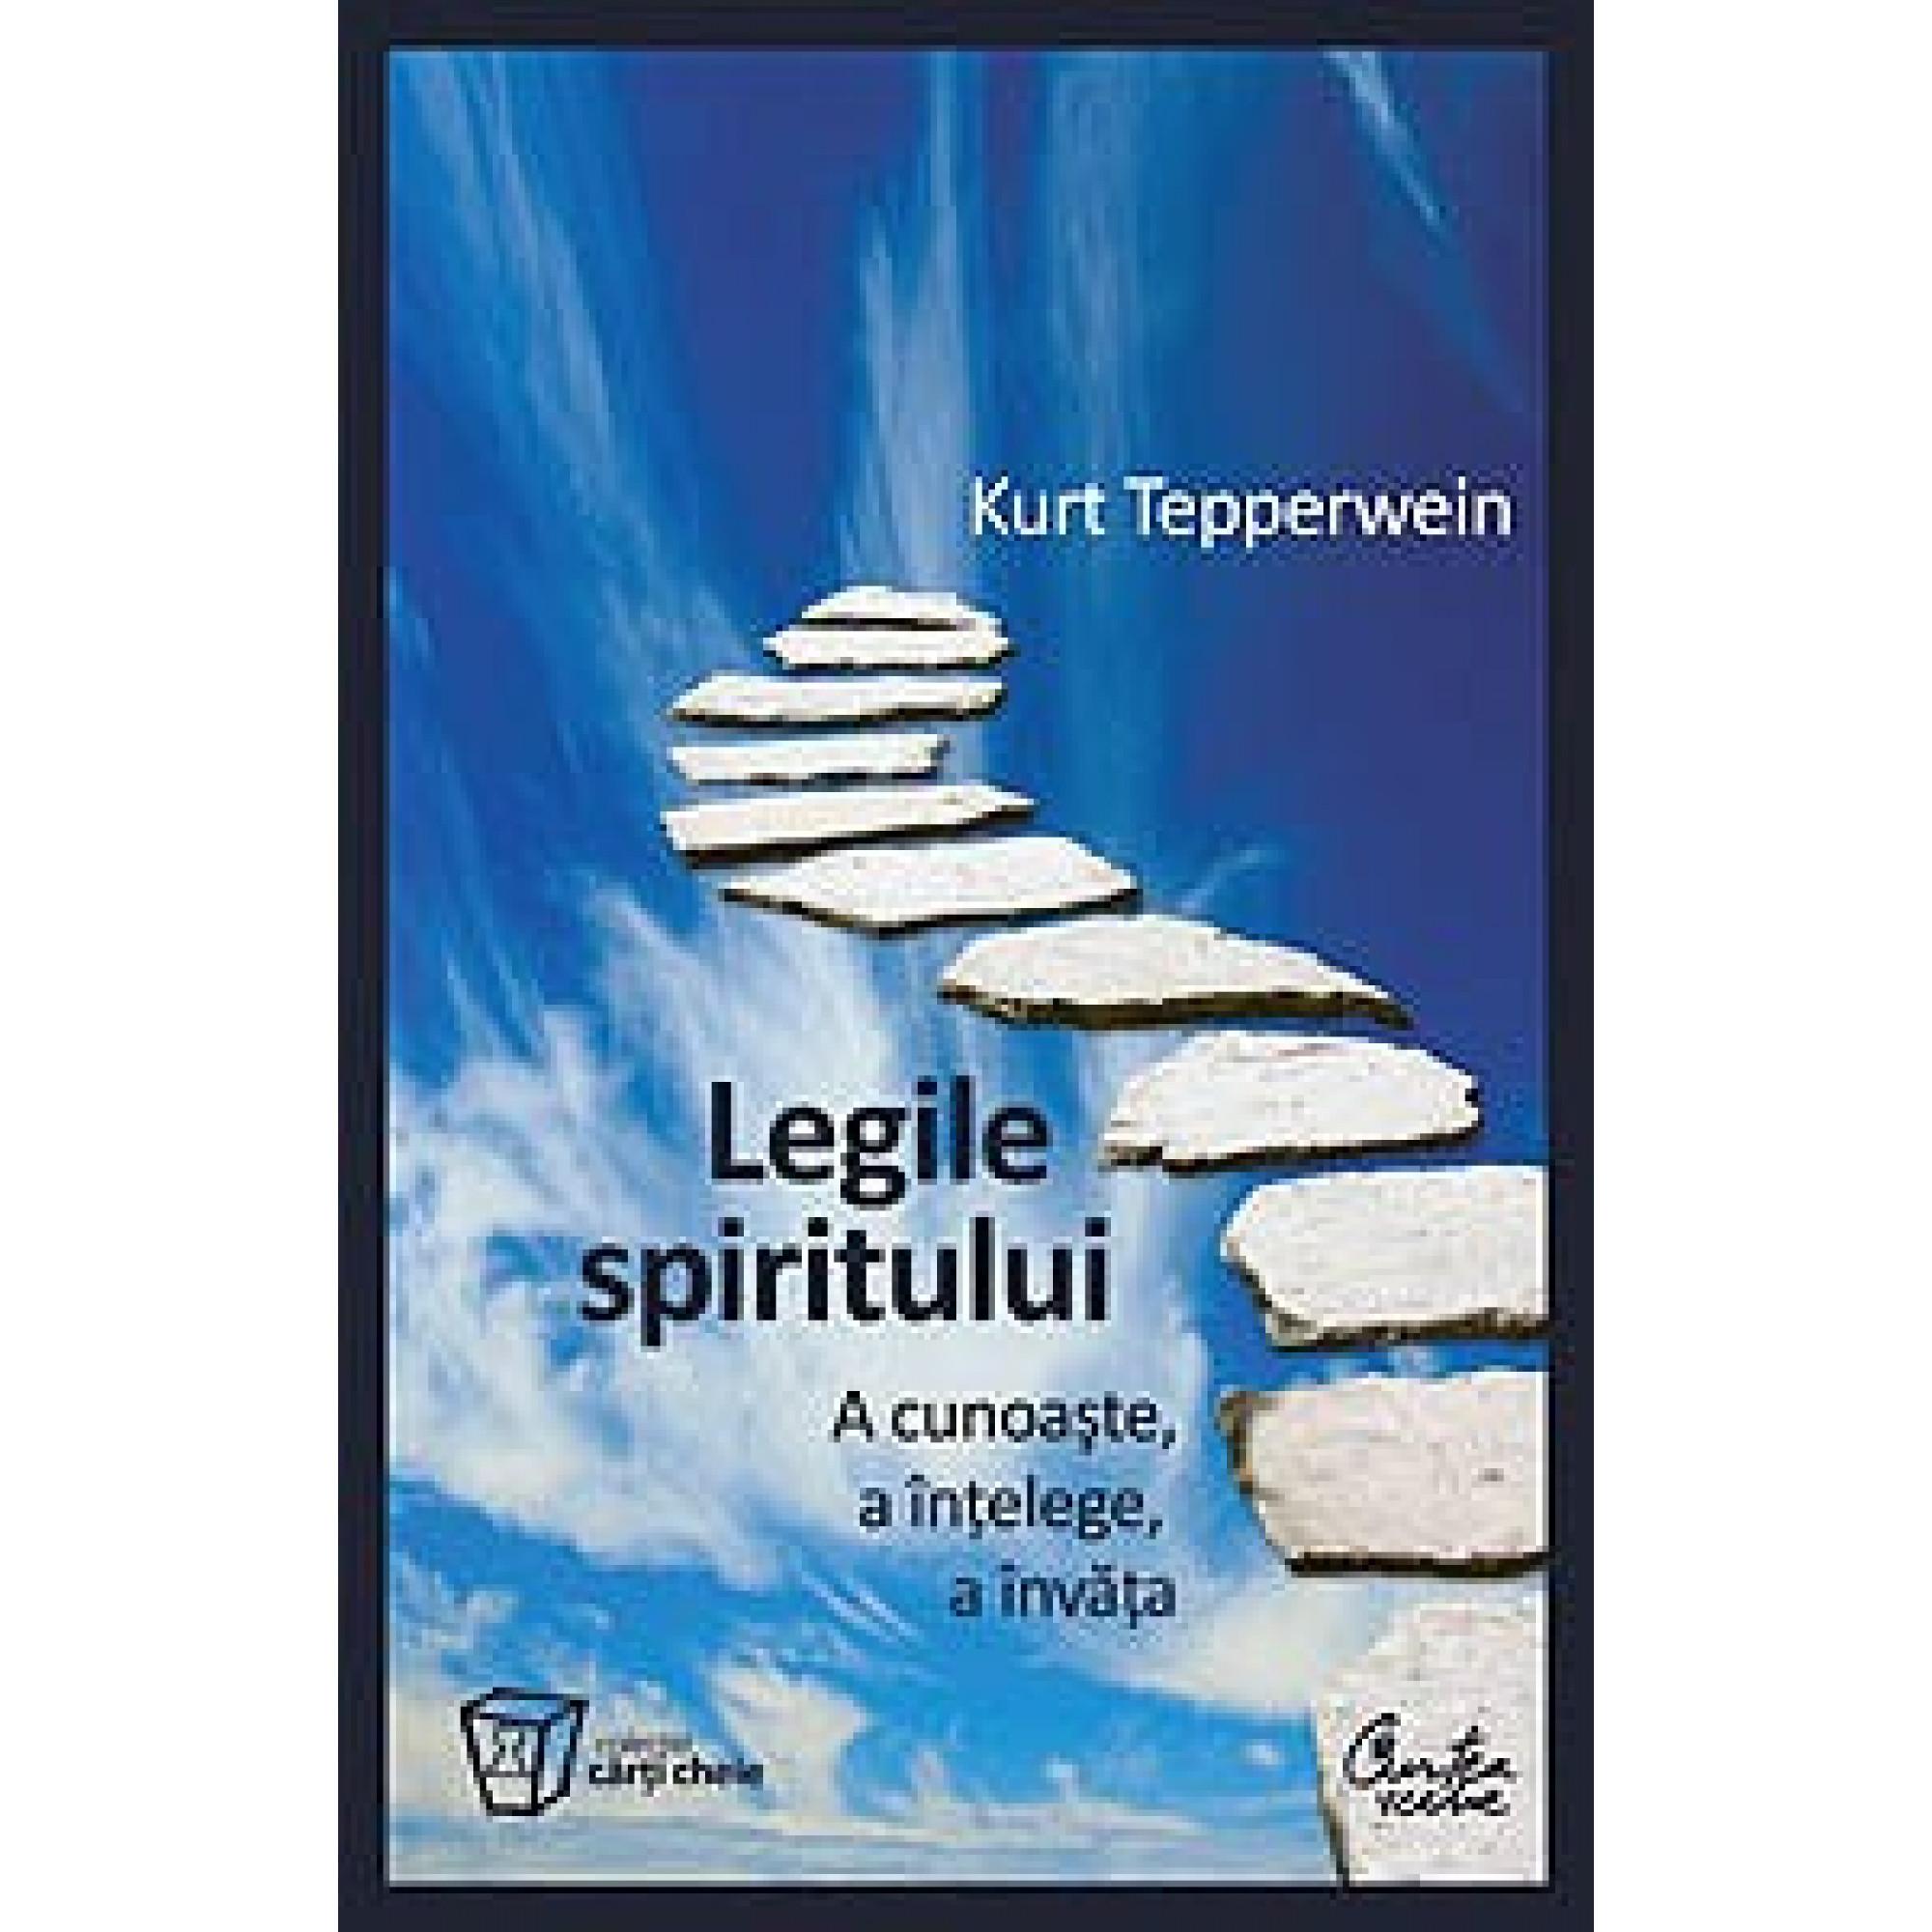 Legile spiritului - A cunoaşte, a înţelege, a învăţa; Kurt Tepperwein